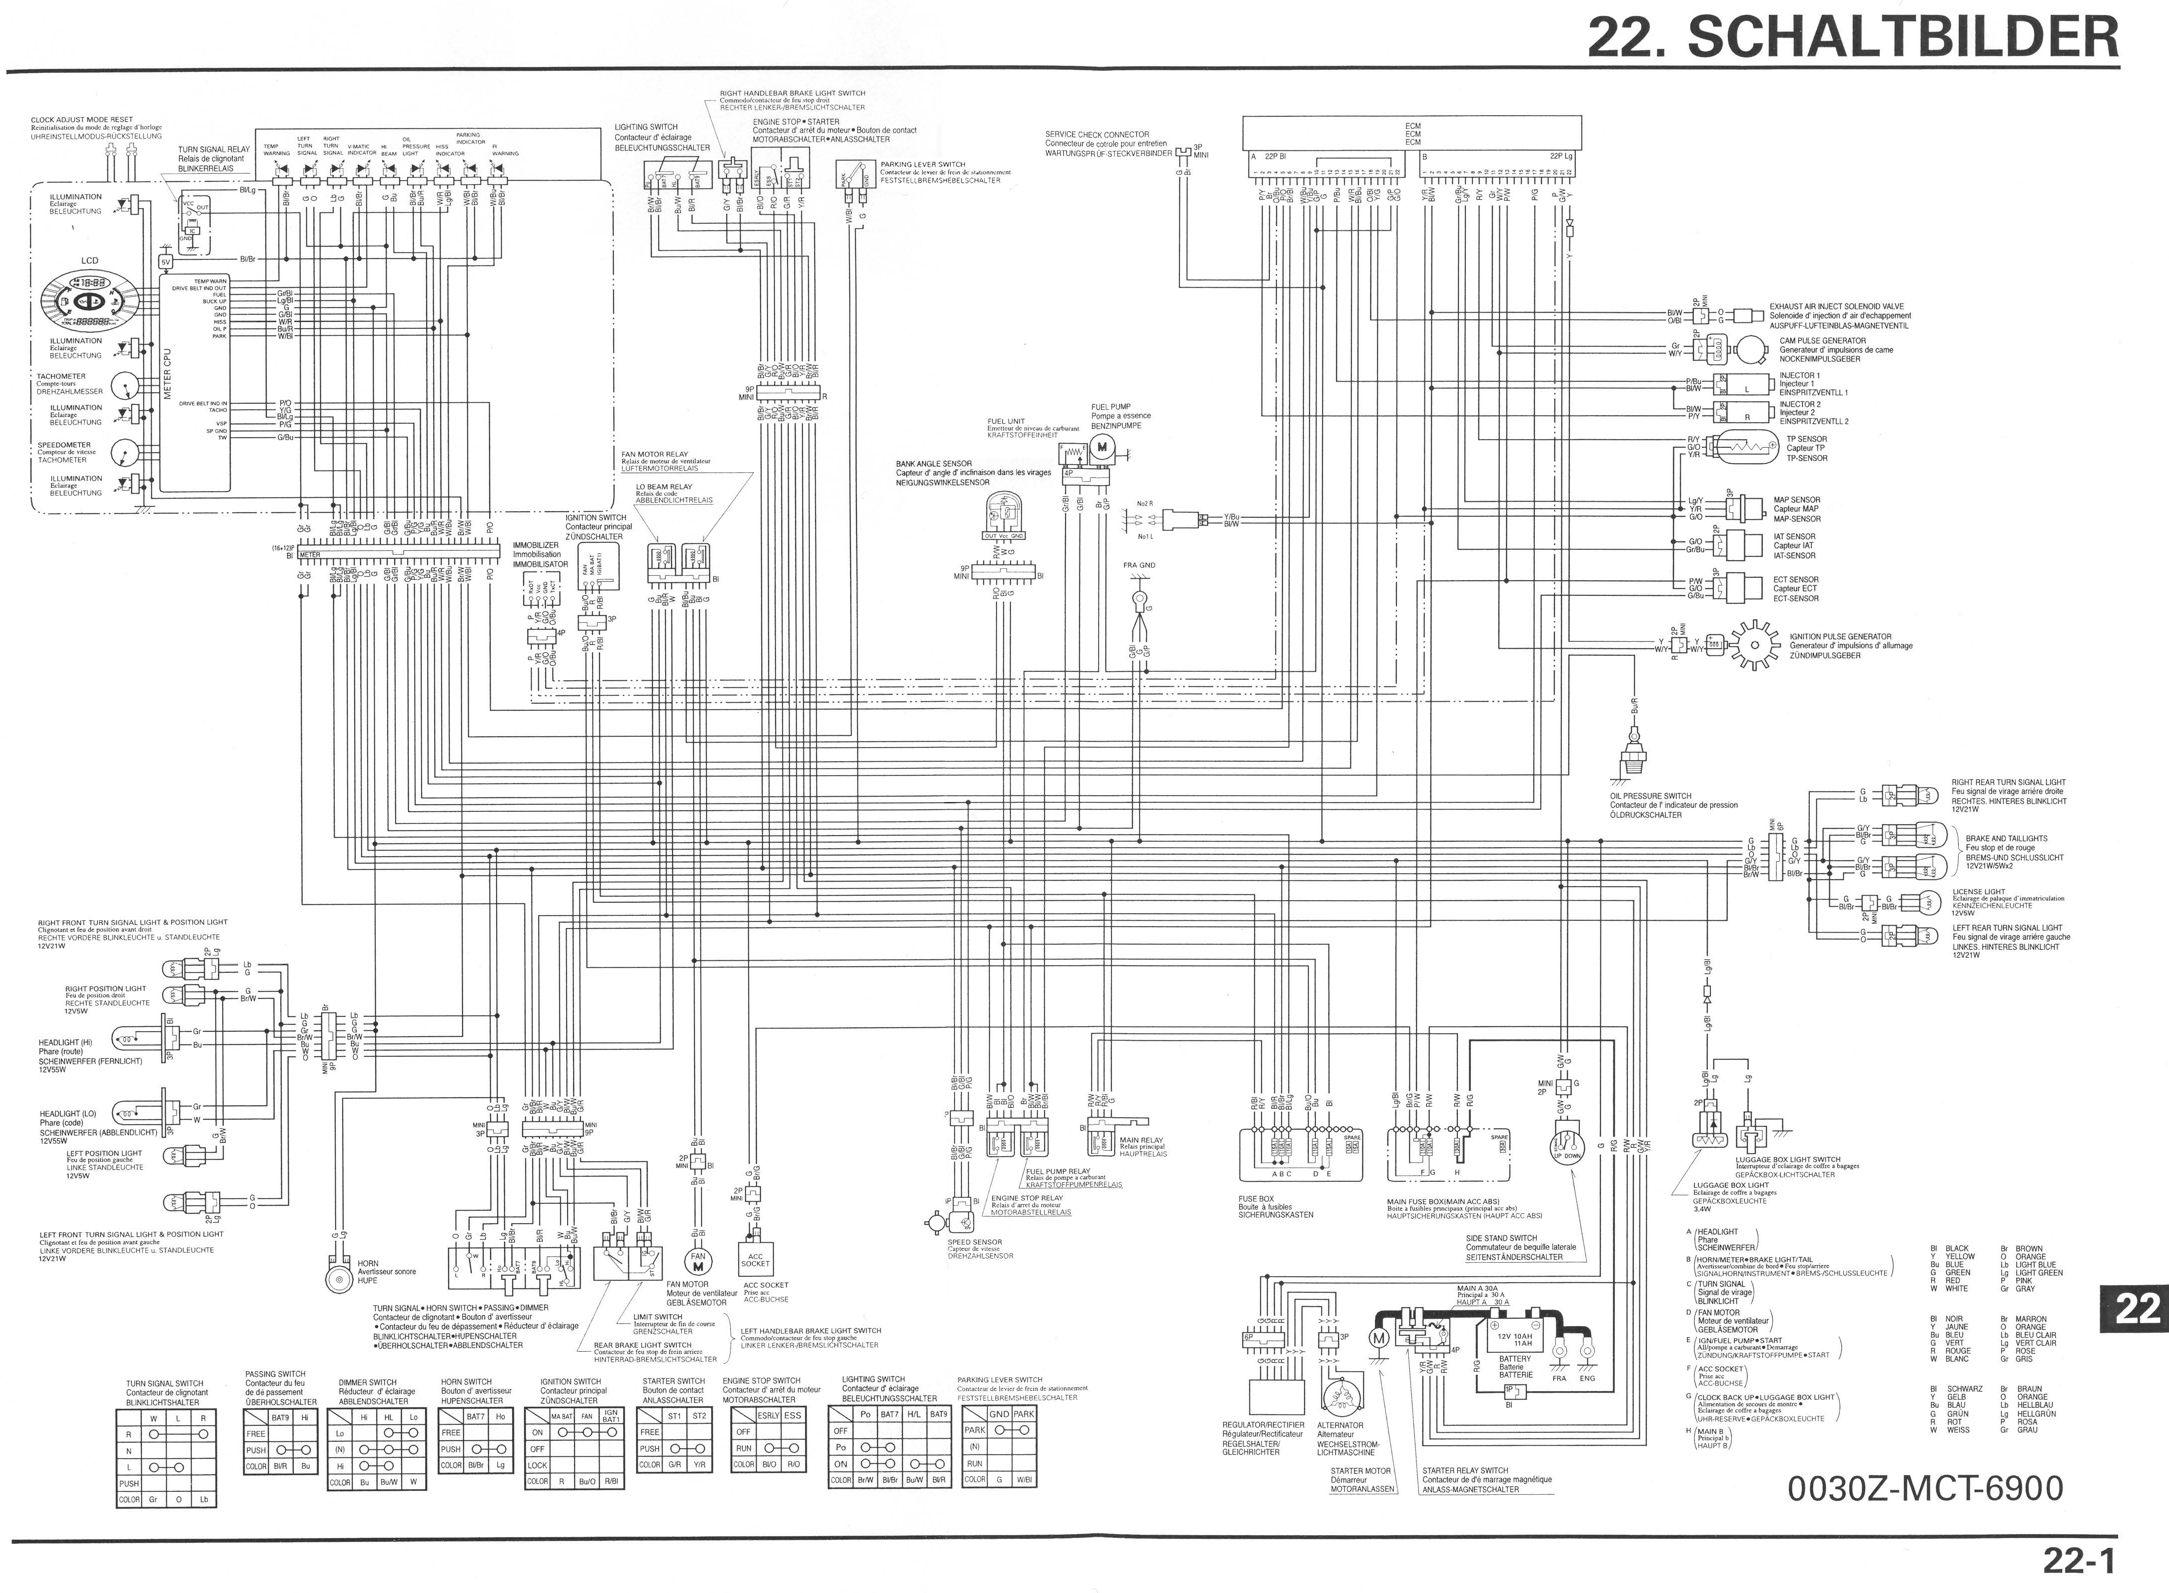 [DIAGRAM] Honda Silver Wing 600 Wiring Diagram FULL